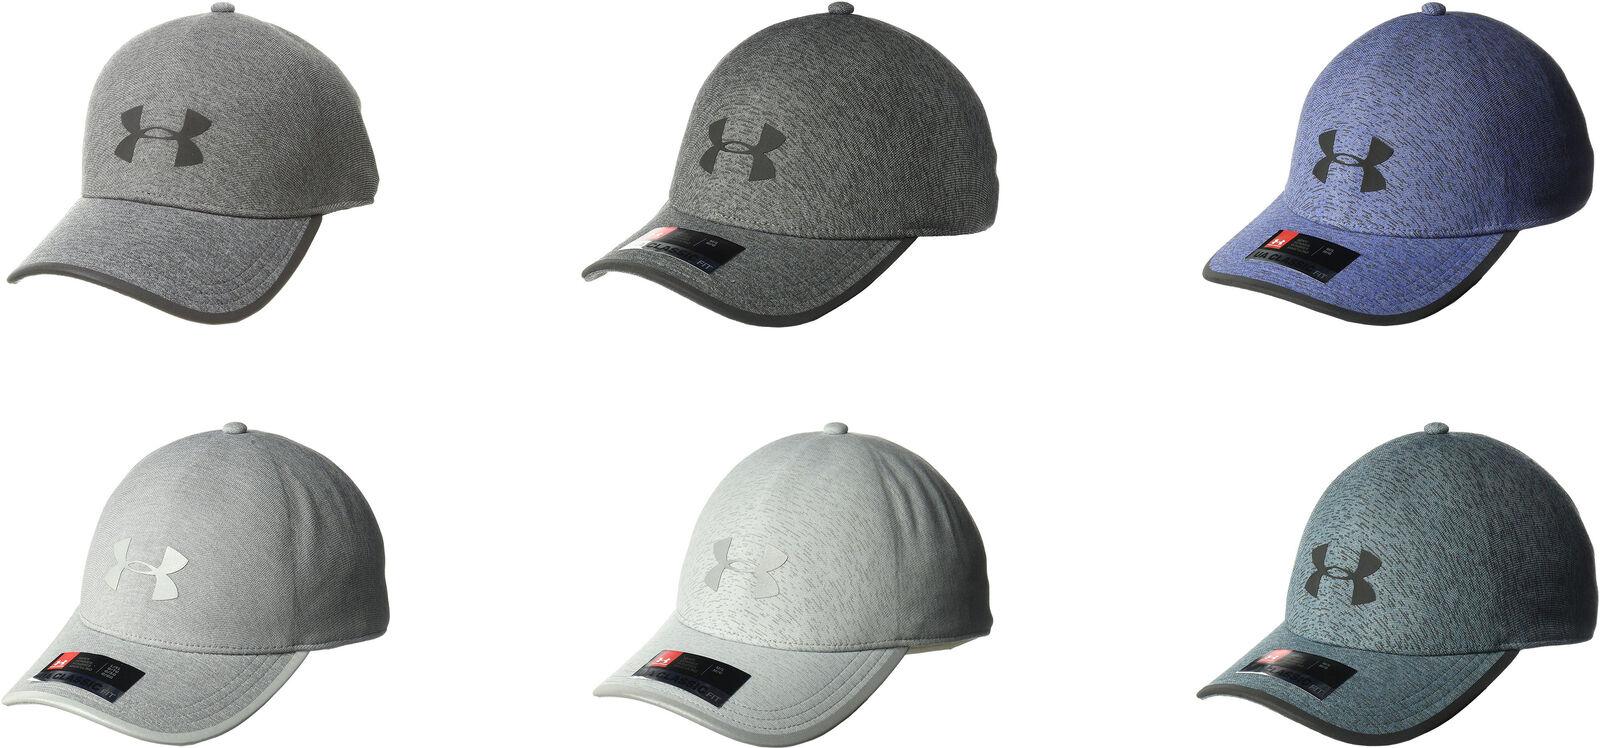 best website 9a753 c6199 ... gray for men b021d a72e1  wholesale under armour mens flash 1 panel cap  6 colors aa031 e8637